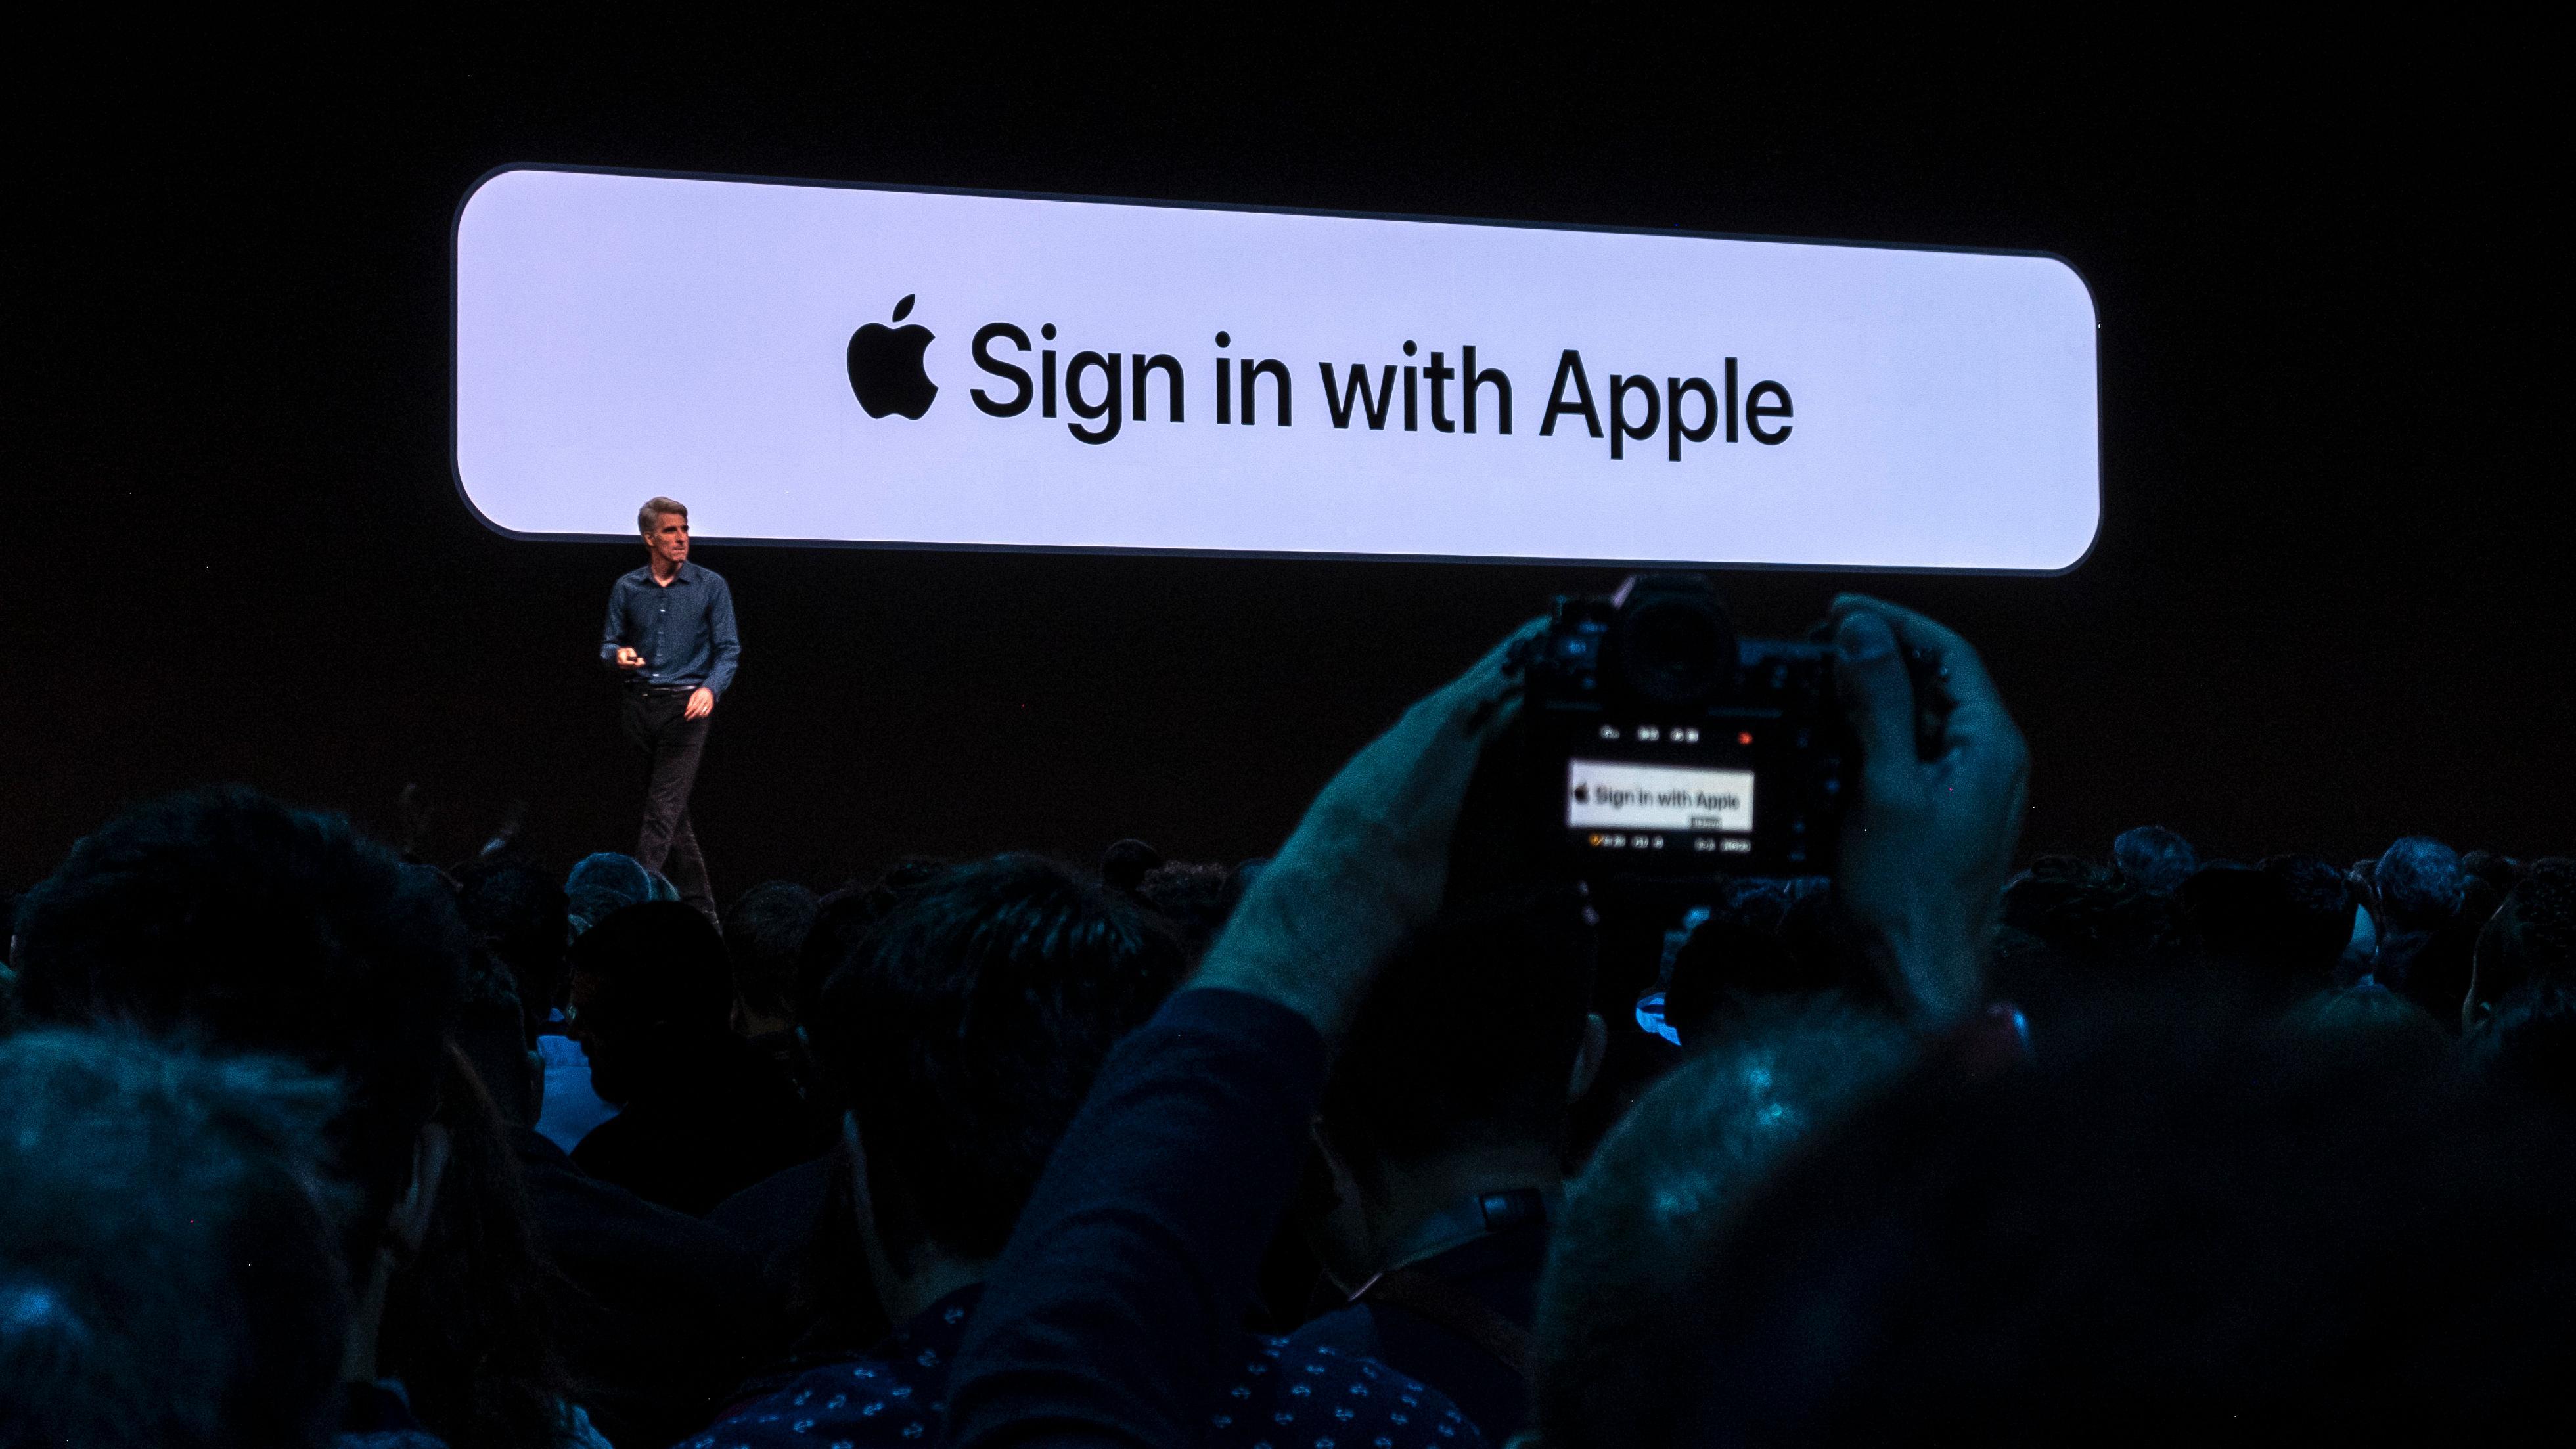 Derfor er det mer grunn til å stole på Apple når de snakker om sikkerhet, enn Facebook og Google